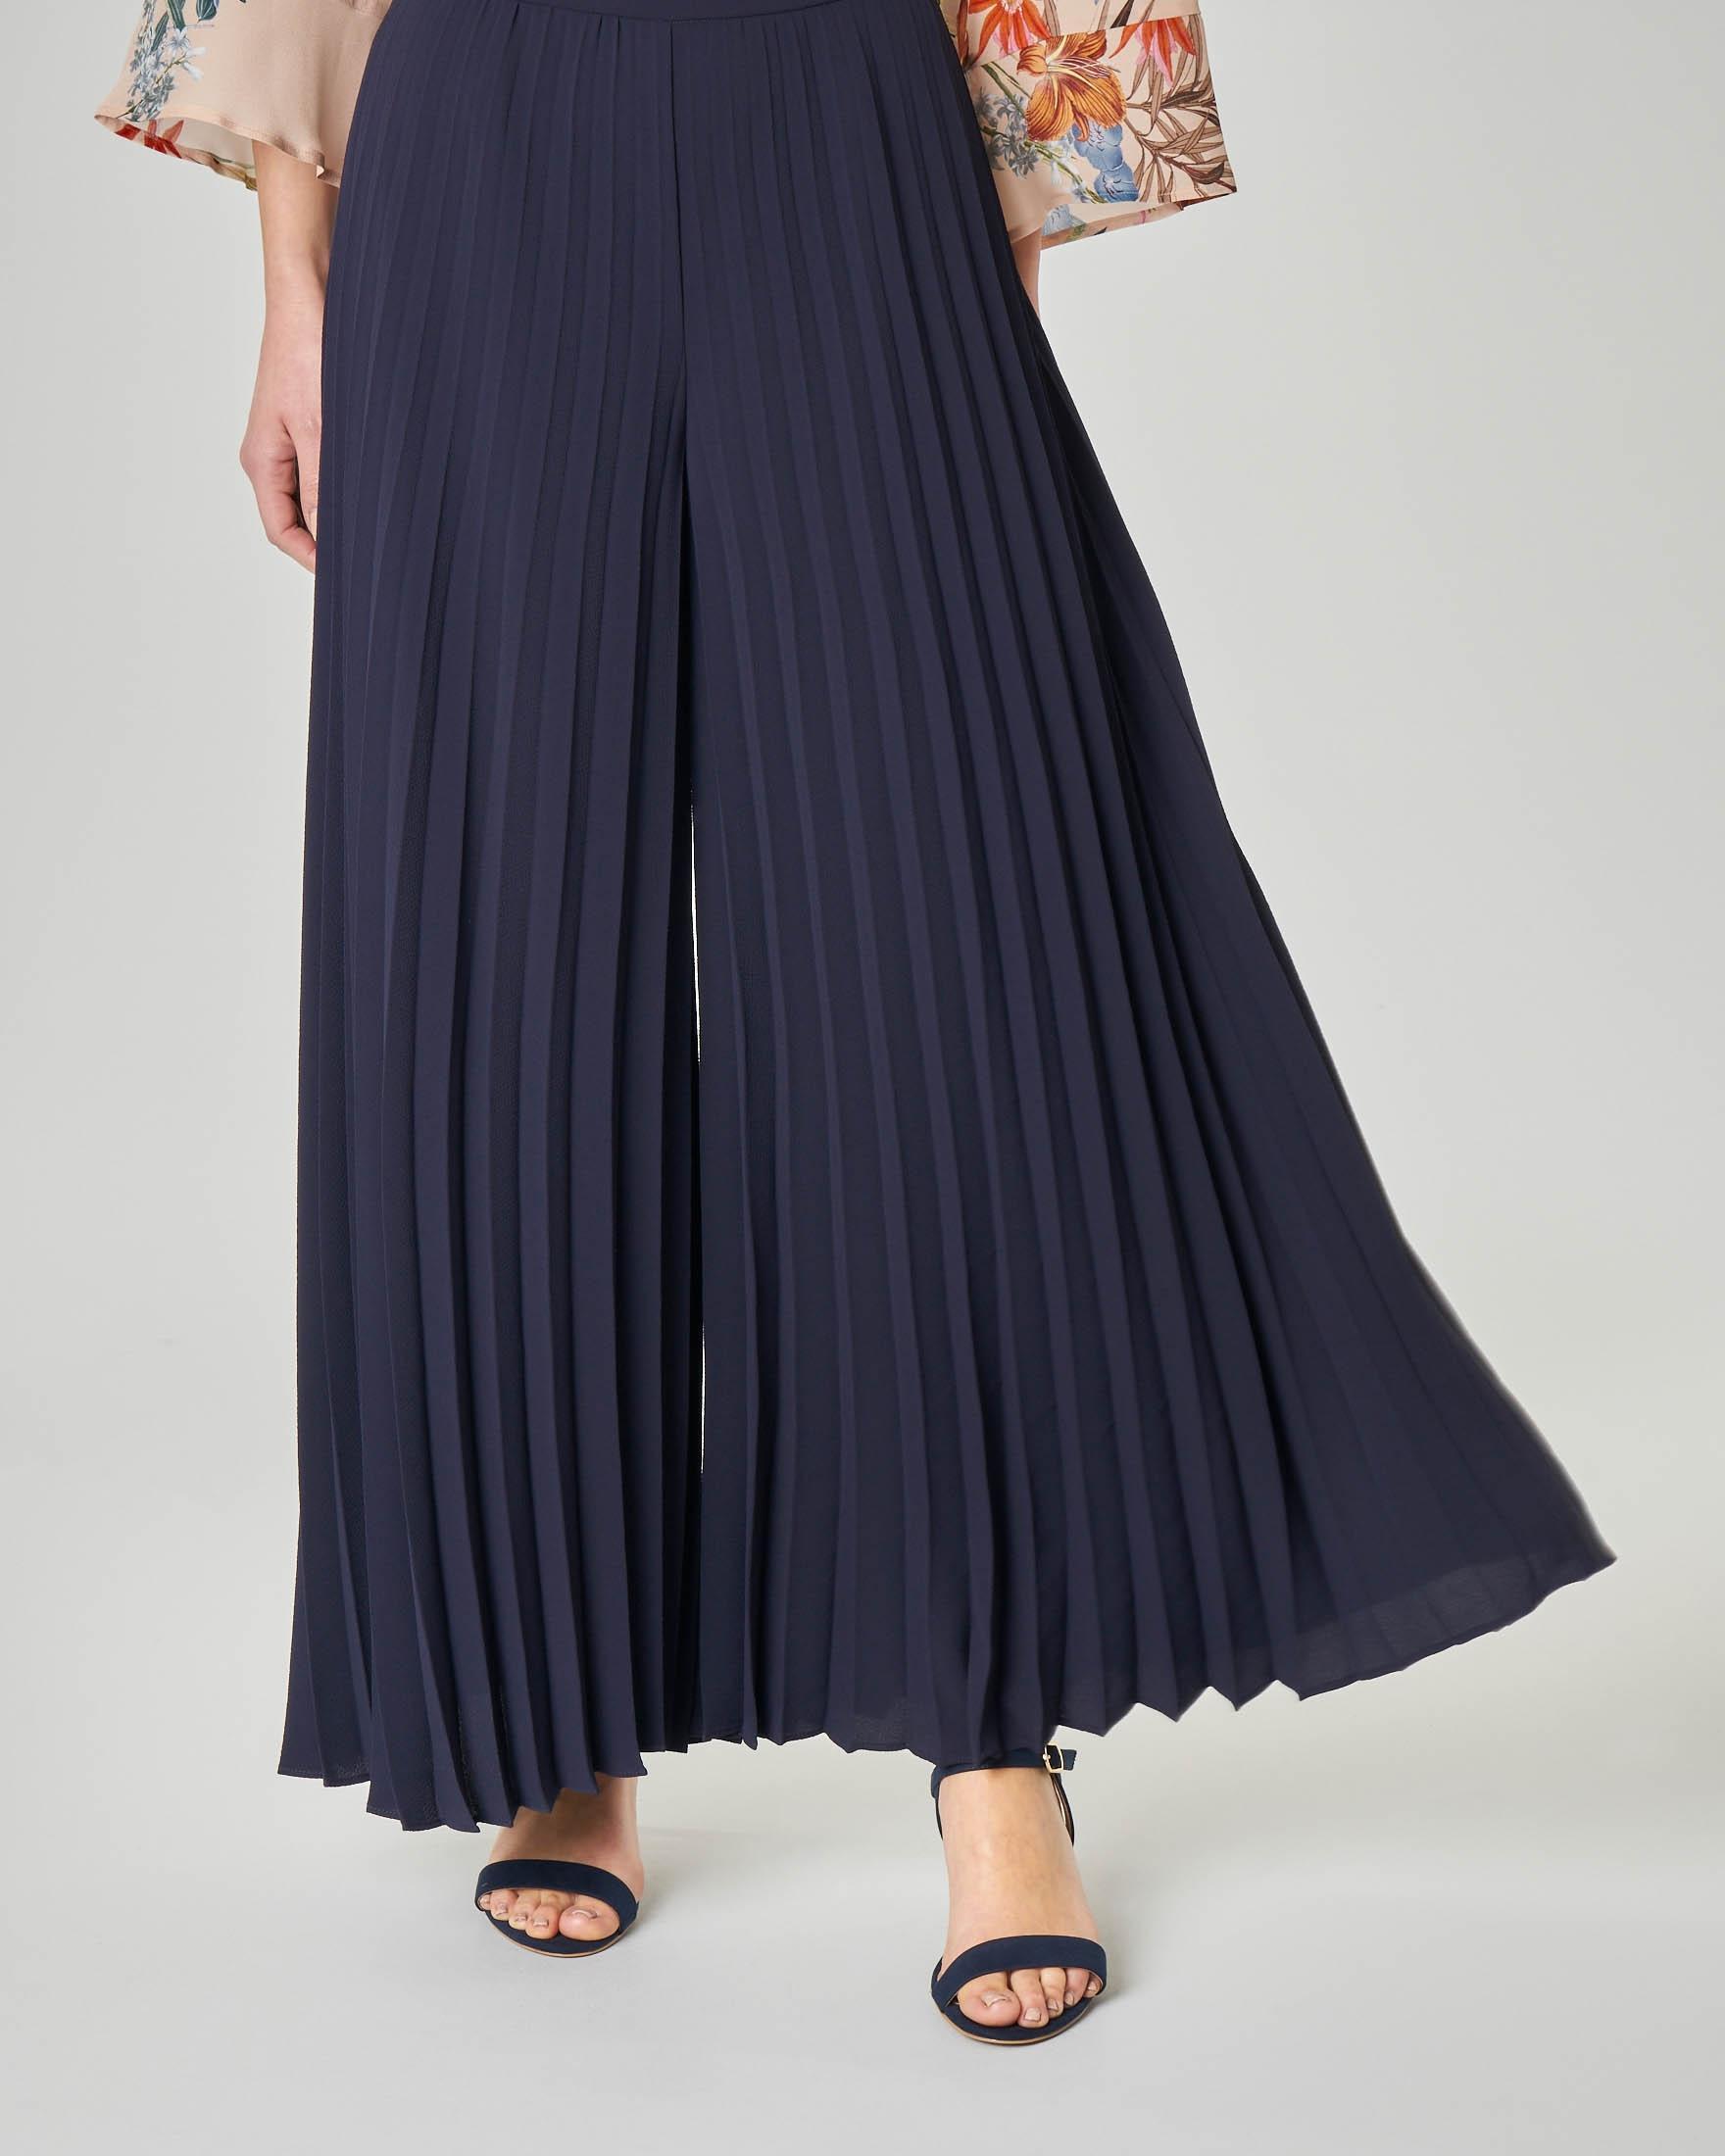 Pantalone palazzo plissè blu